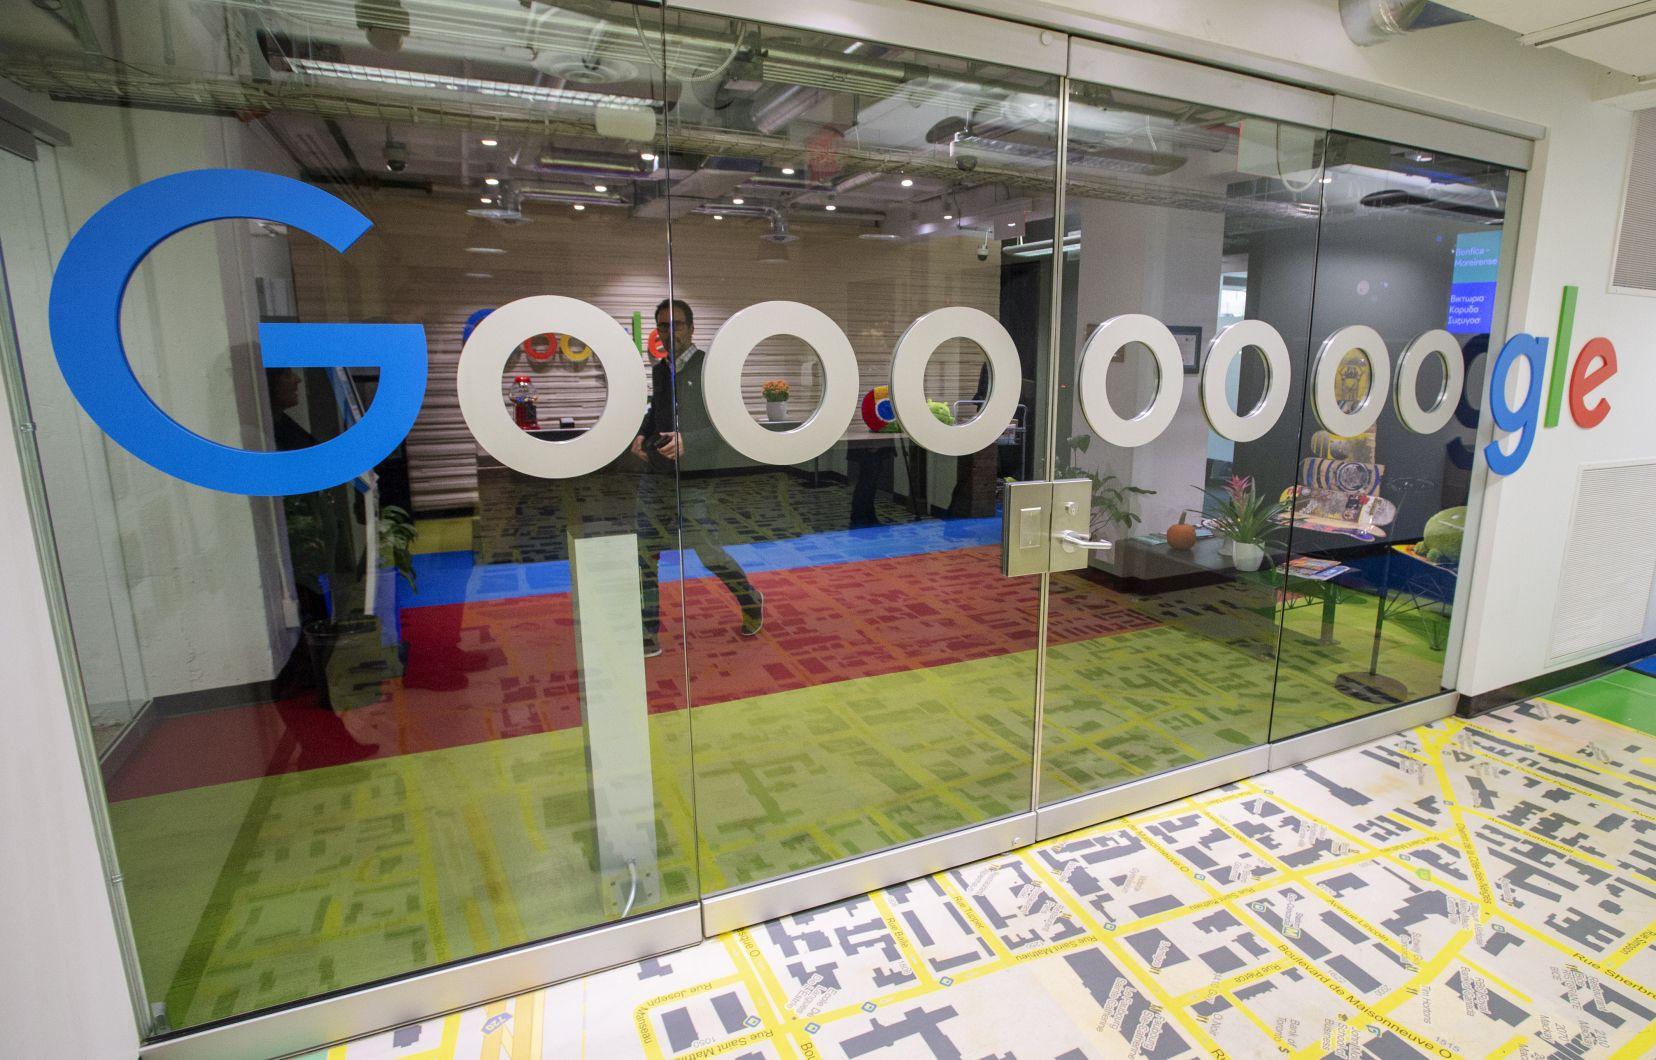 Inde : Google et Reliance Industries s'associent pour créer un Smartphone low-cost